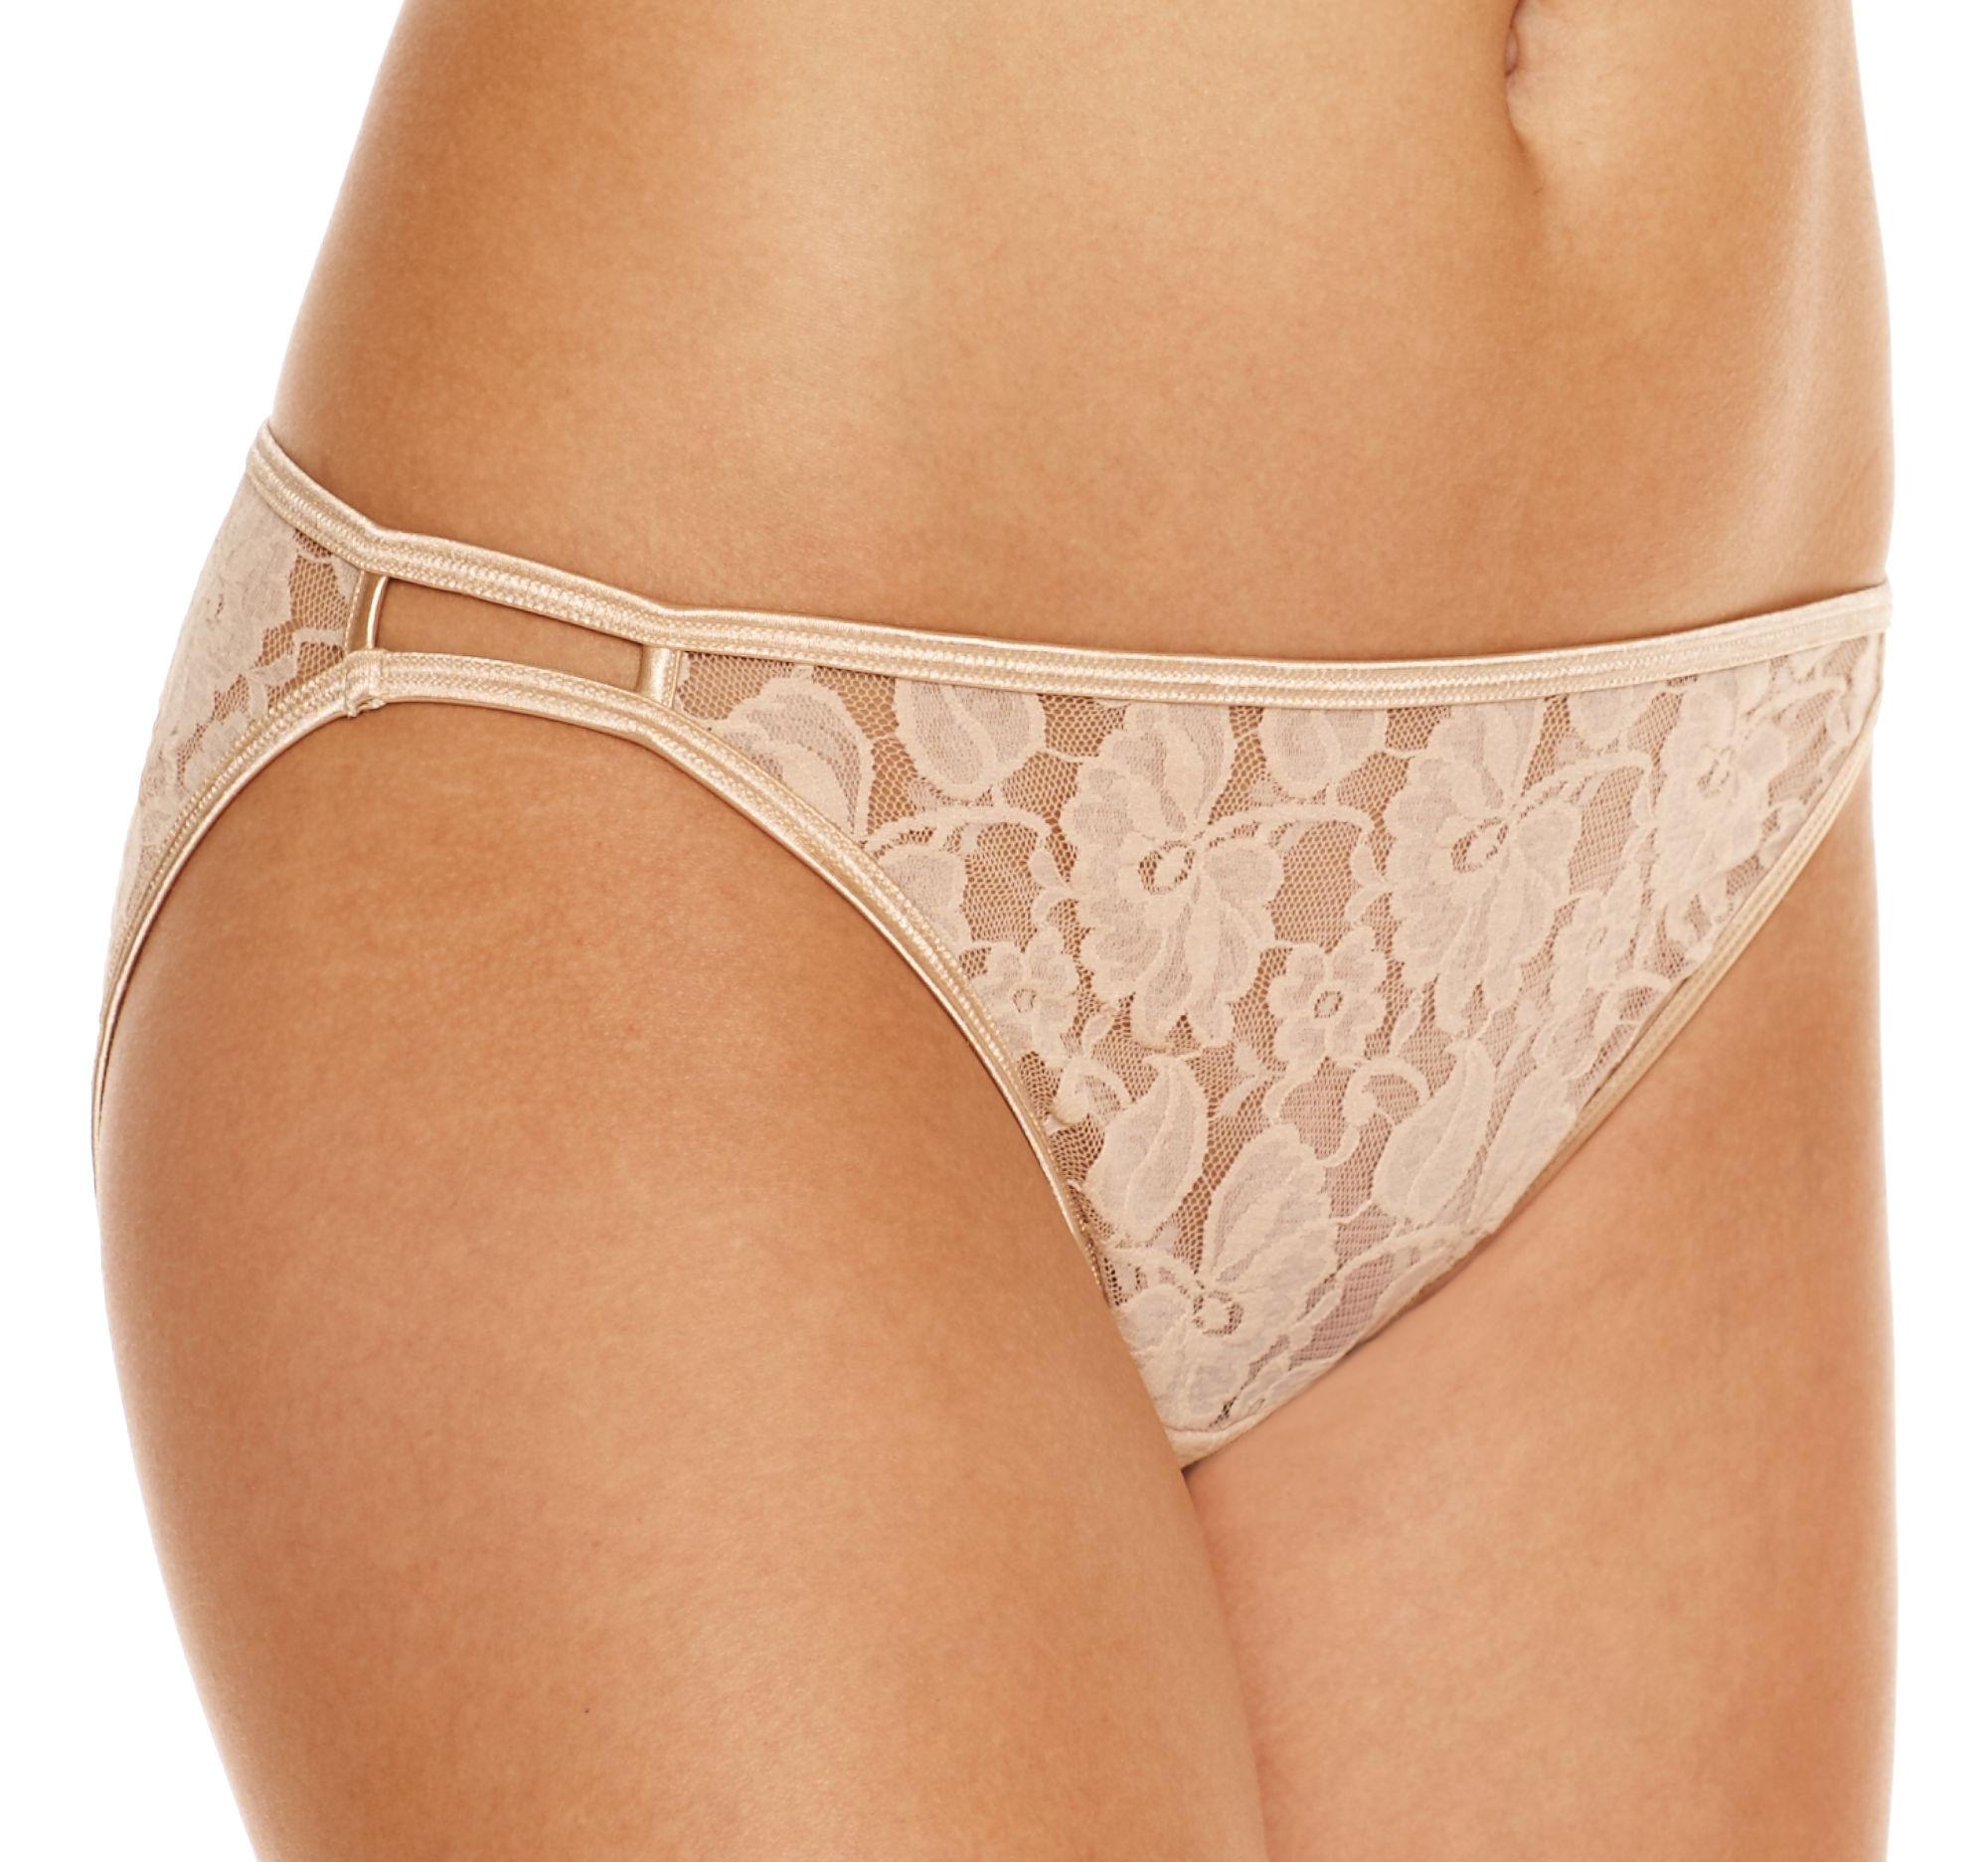 UPC 083623648644 Product Image For Vanity Fair Illumination Helenca Lace  Damask Neutral Bikini Size 5/